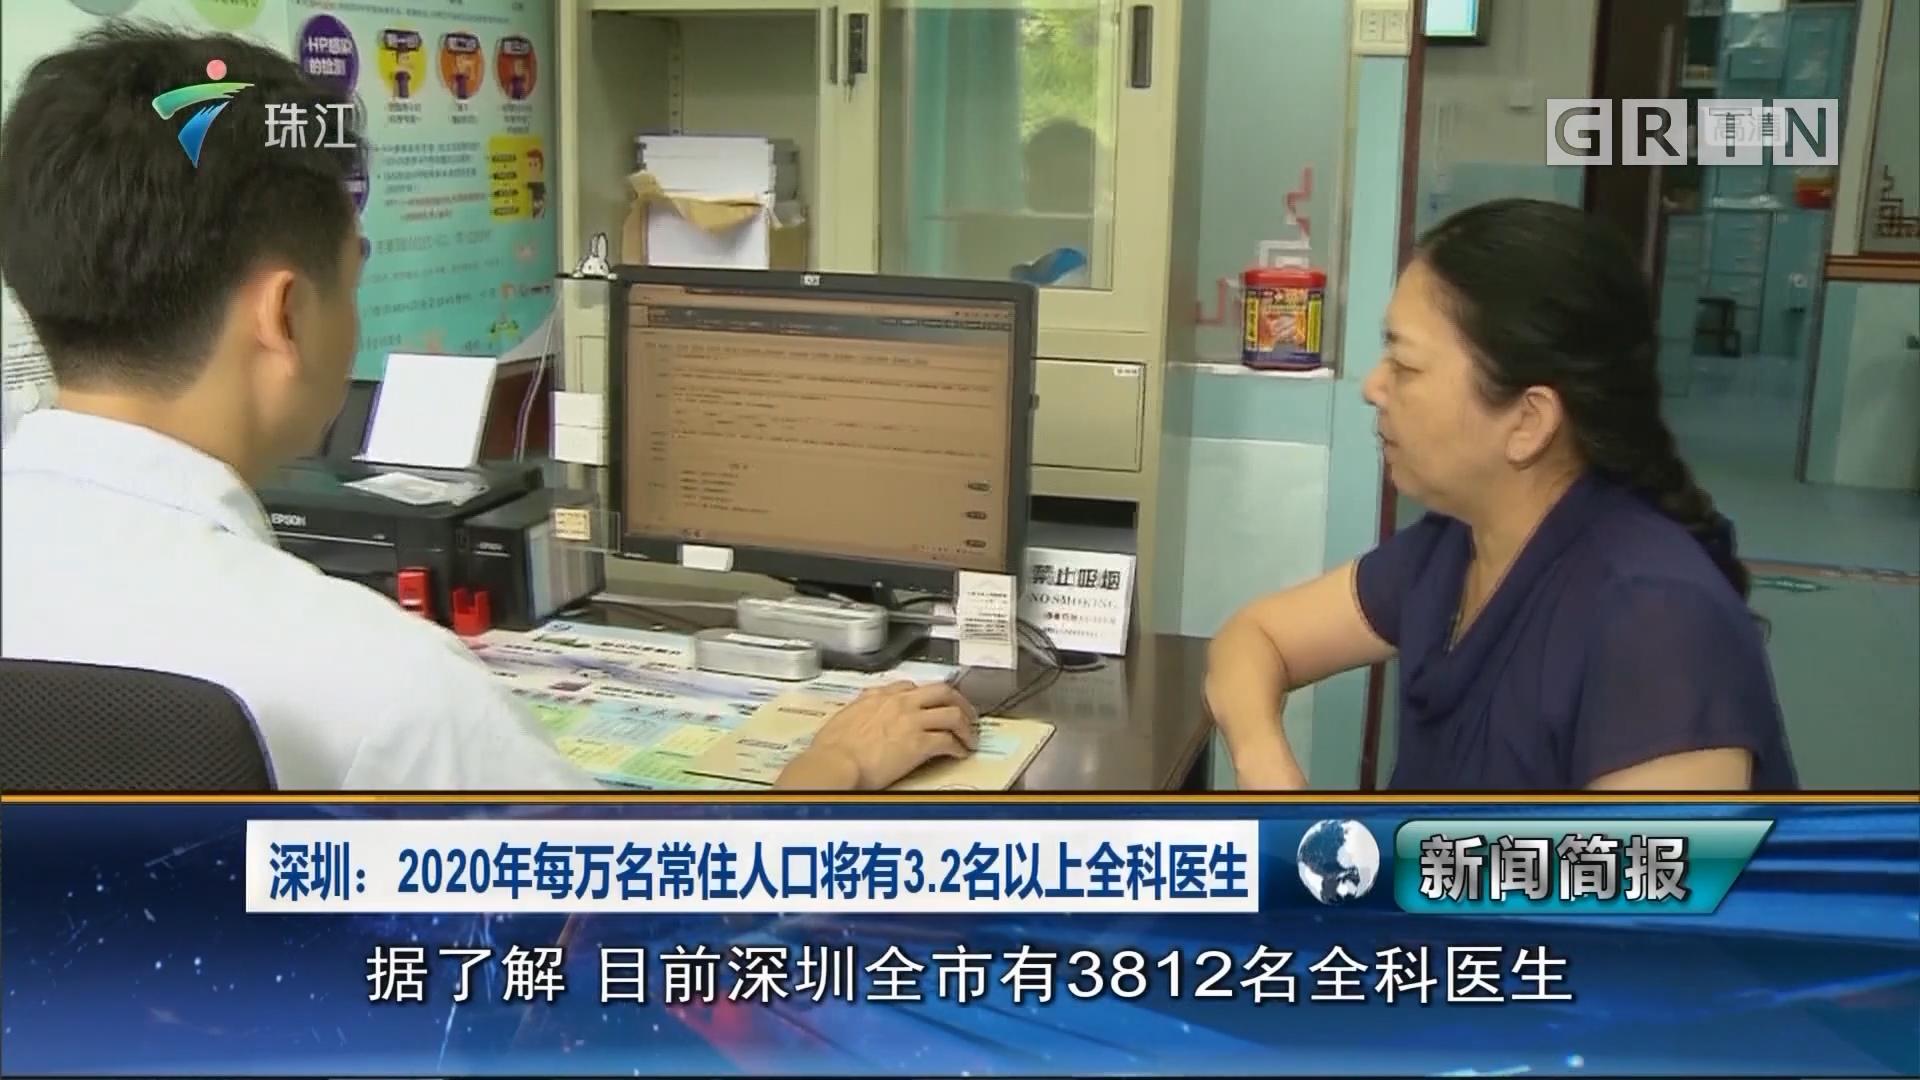 深圳:2020年每万名常住人口将有3.2名以上全科医生